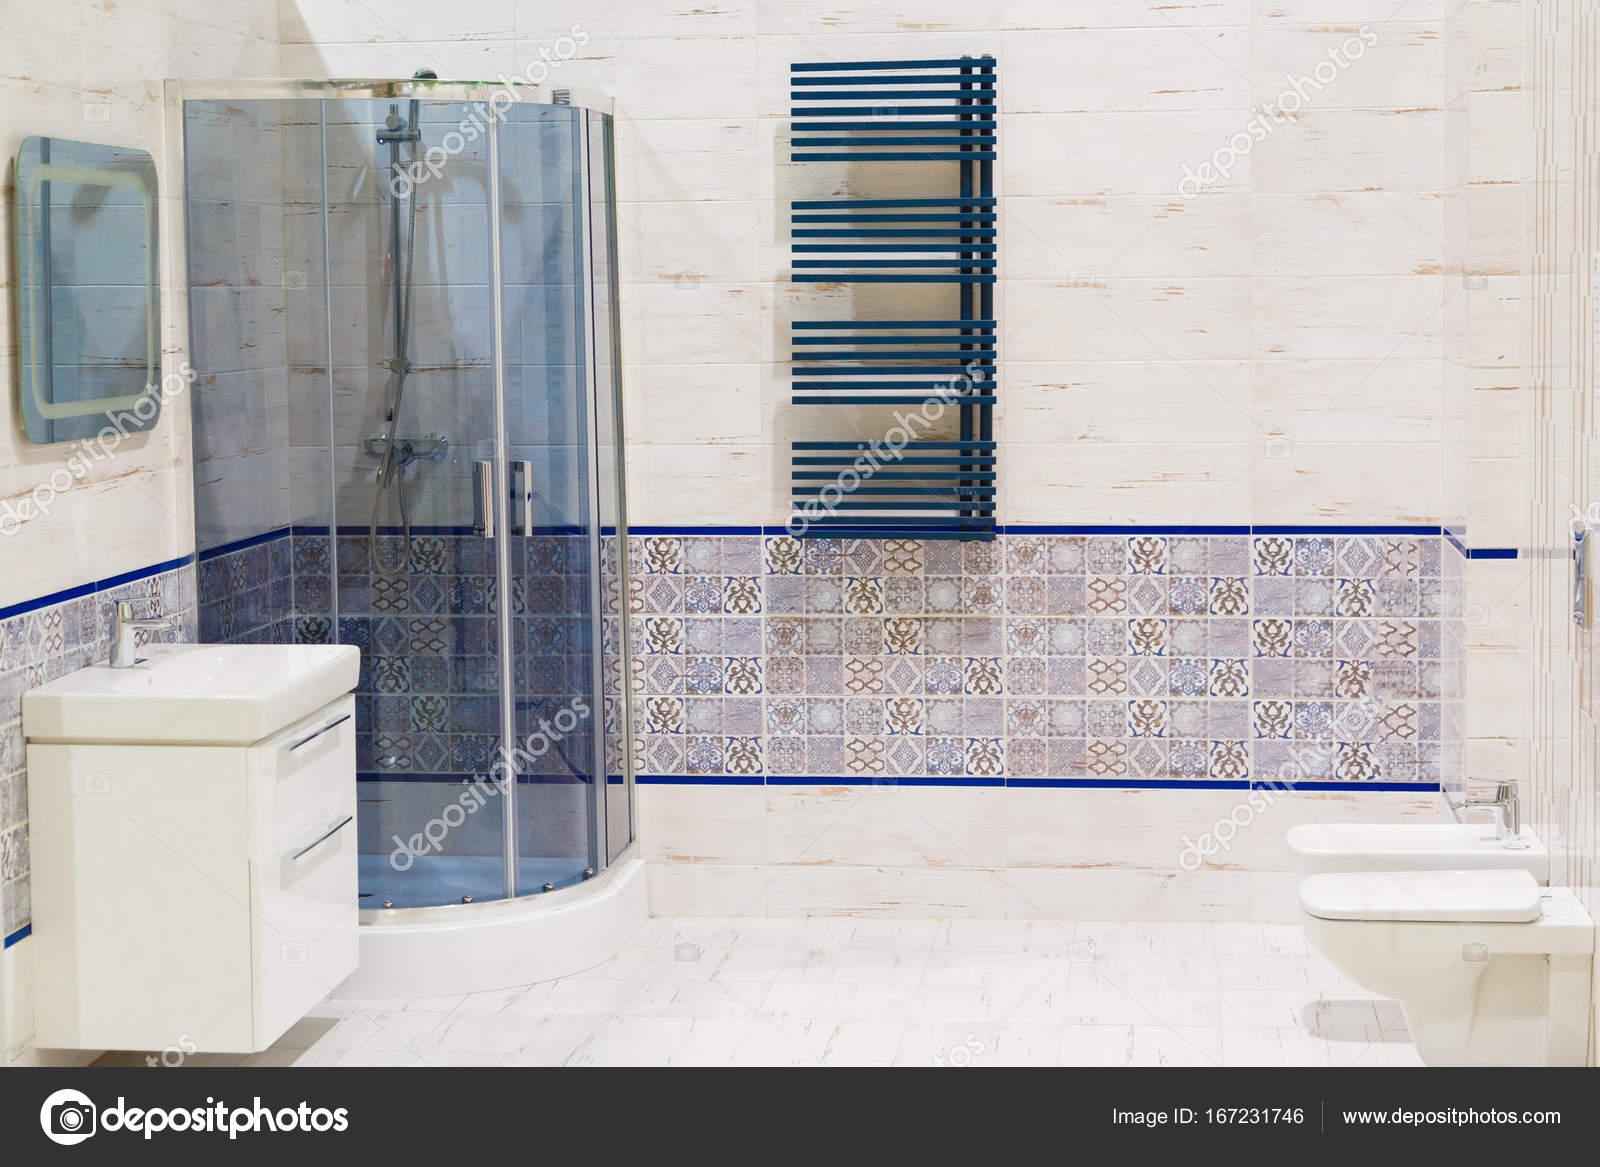 Ontwerp Je Badkamer : Luxe ontwerp van badkamer met wc pot en wastafel u2014 stockfoto